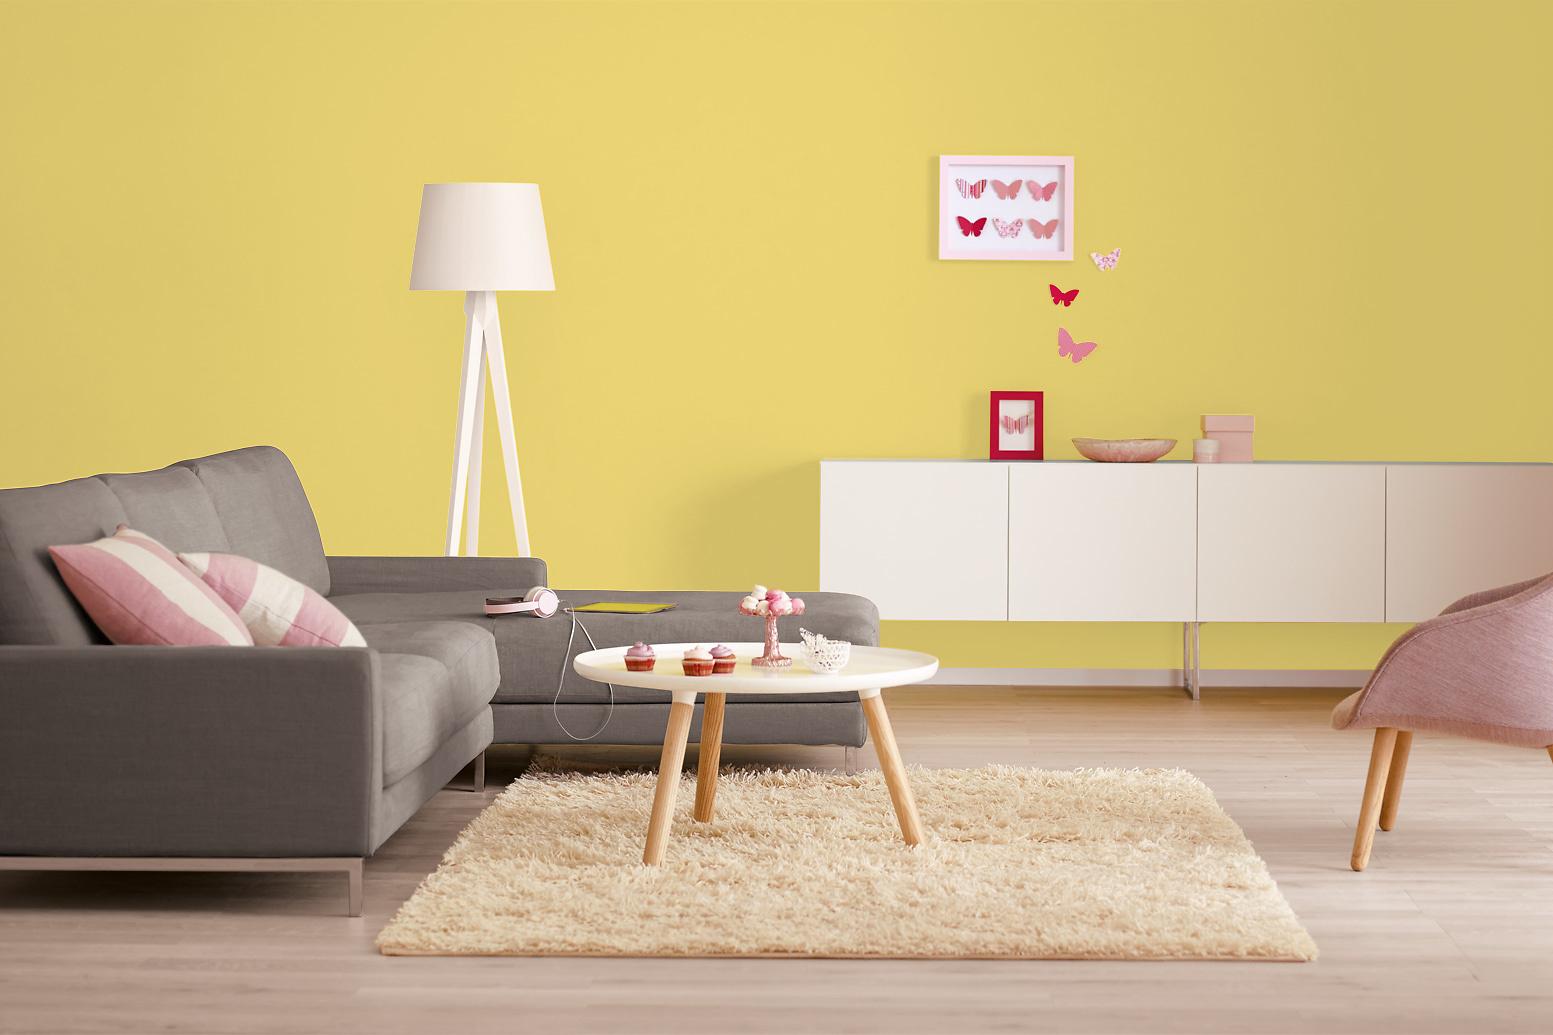 Innenfarbe in gelb sonnengelb streichen alpina - Farben gestalten wande ...